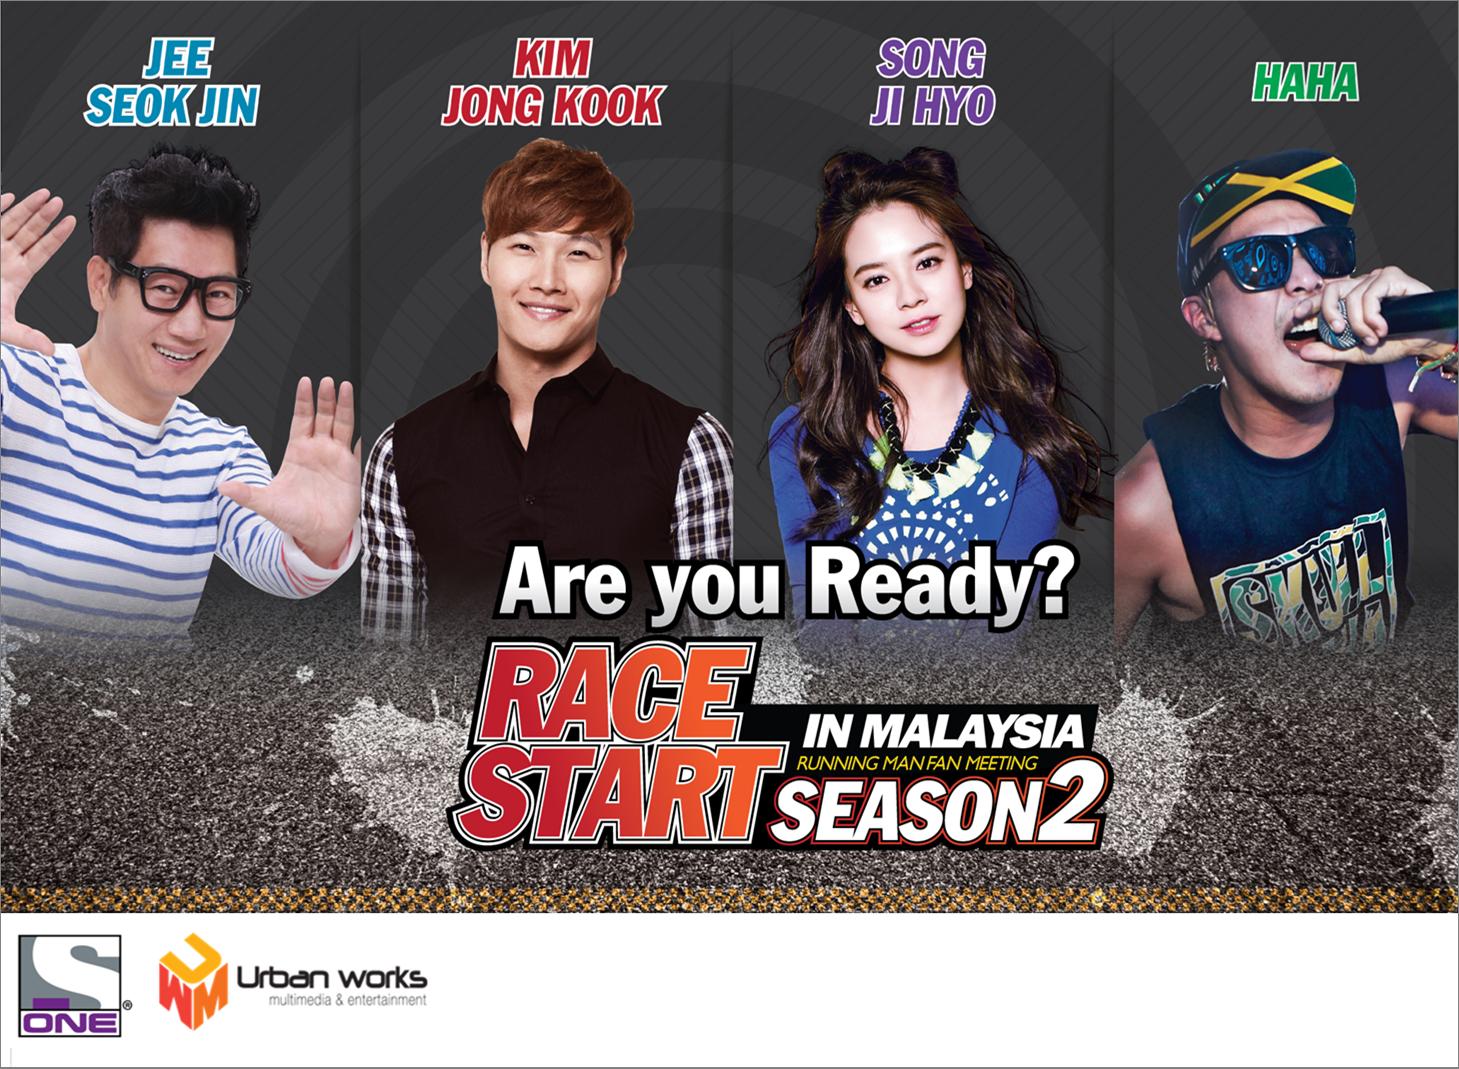 Running Man Race Start Season 2 Malaysia Poster